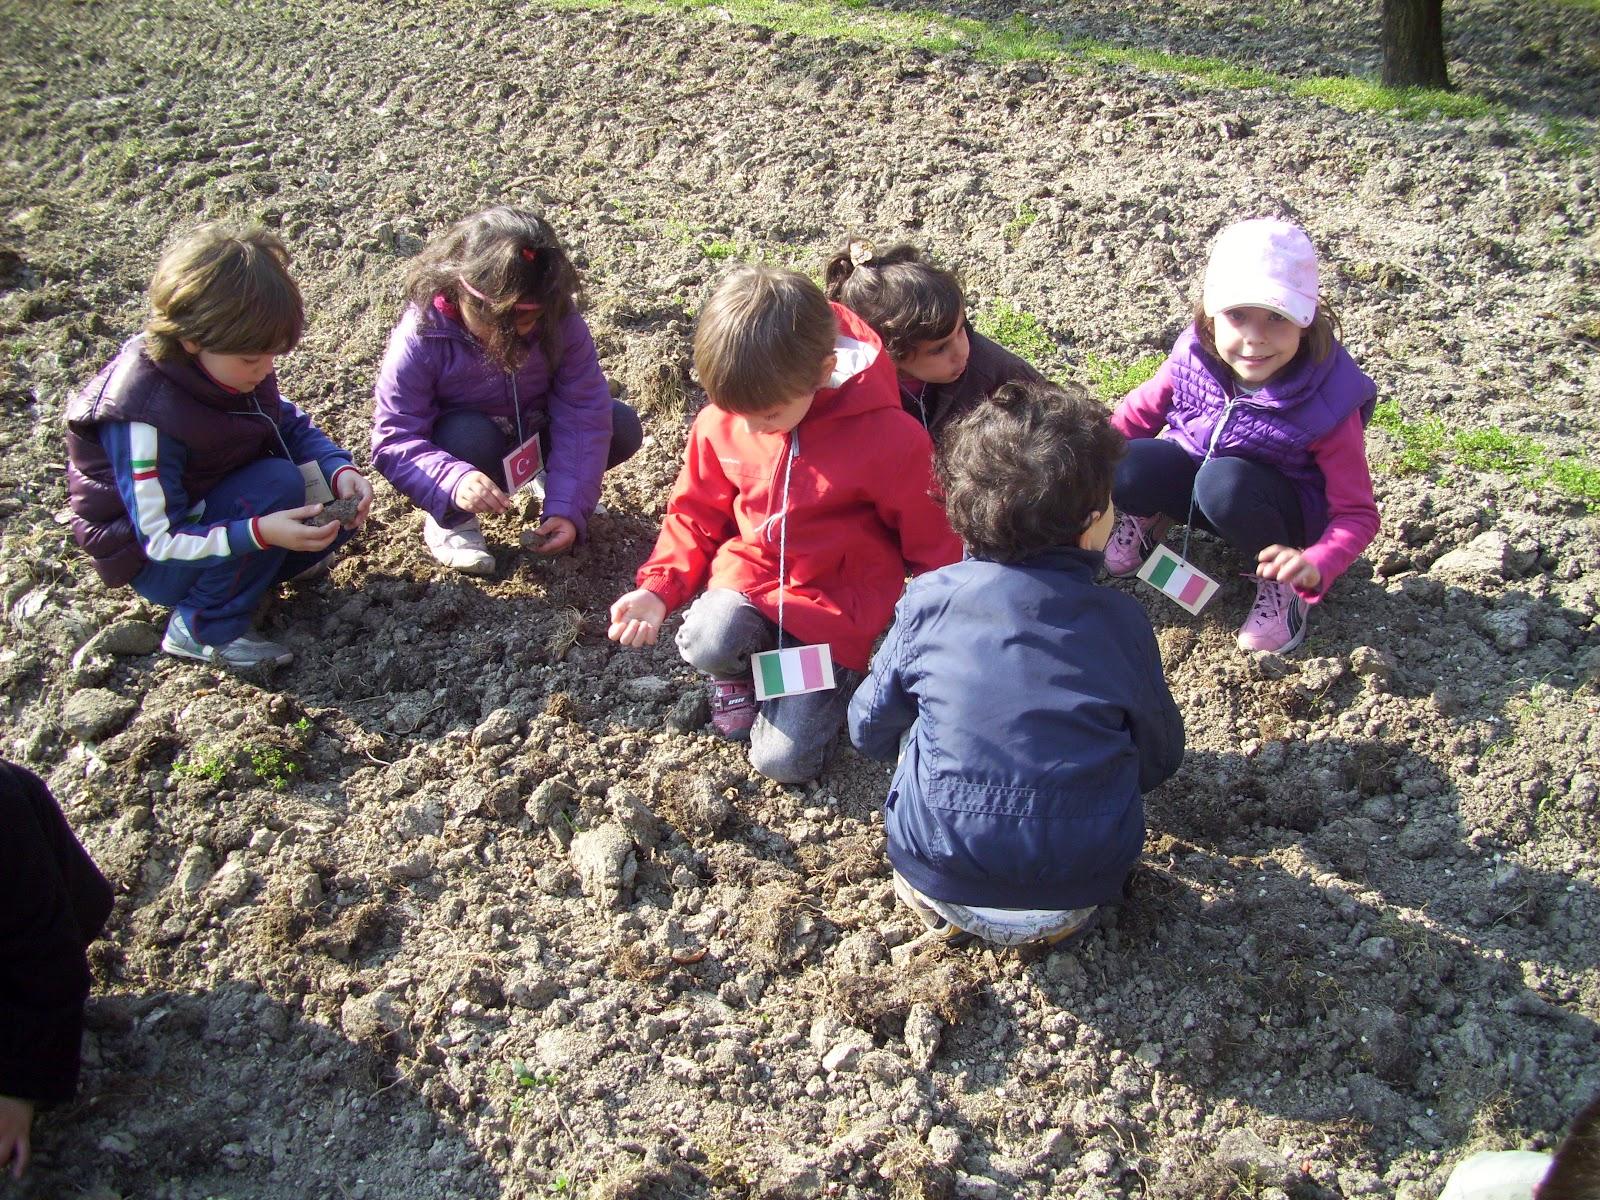 scuola gallini voghera lombardy - photo#1